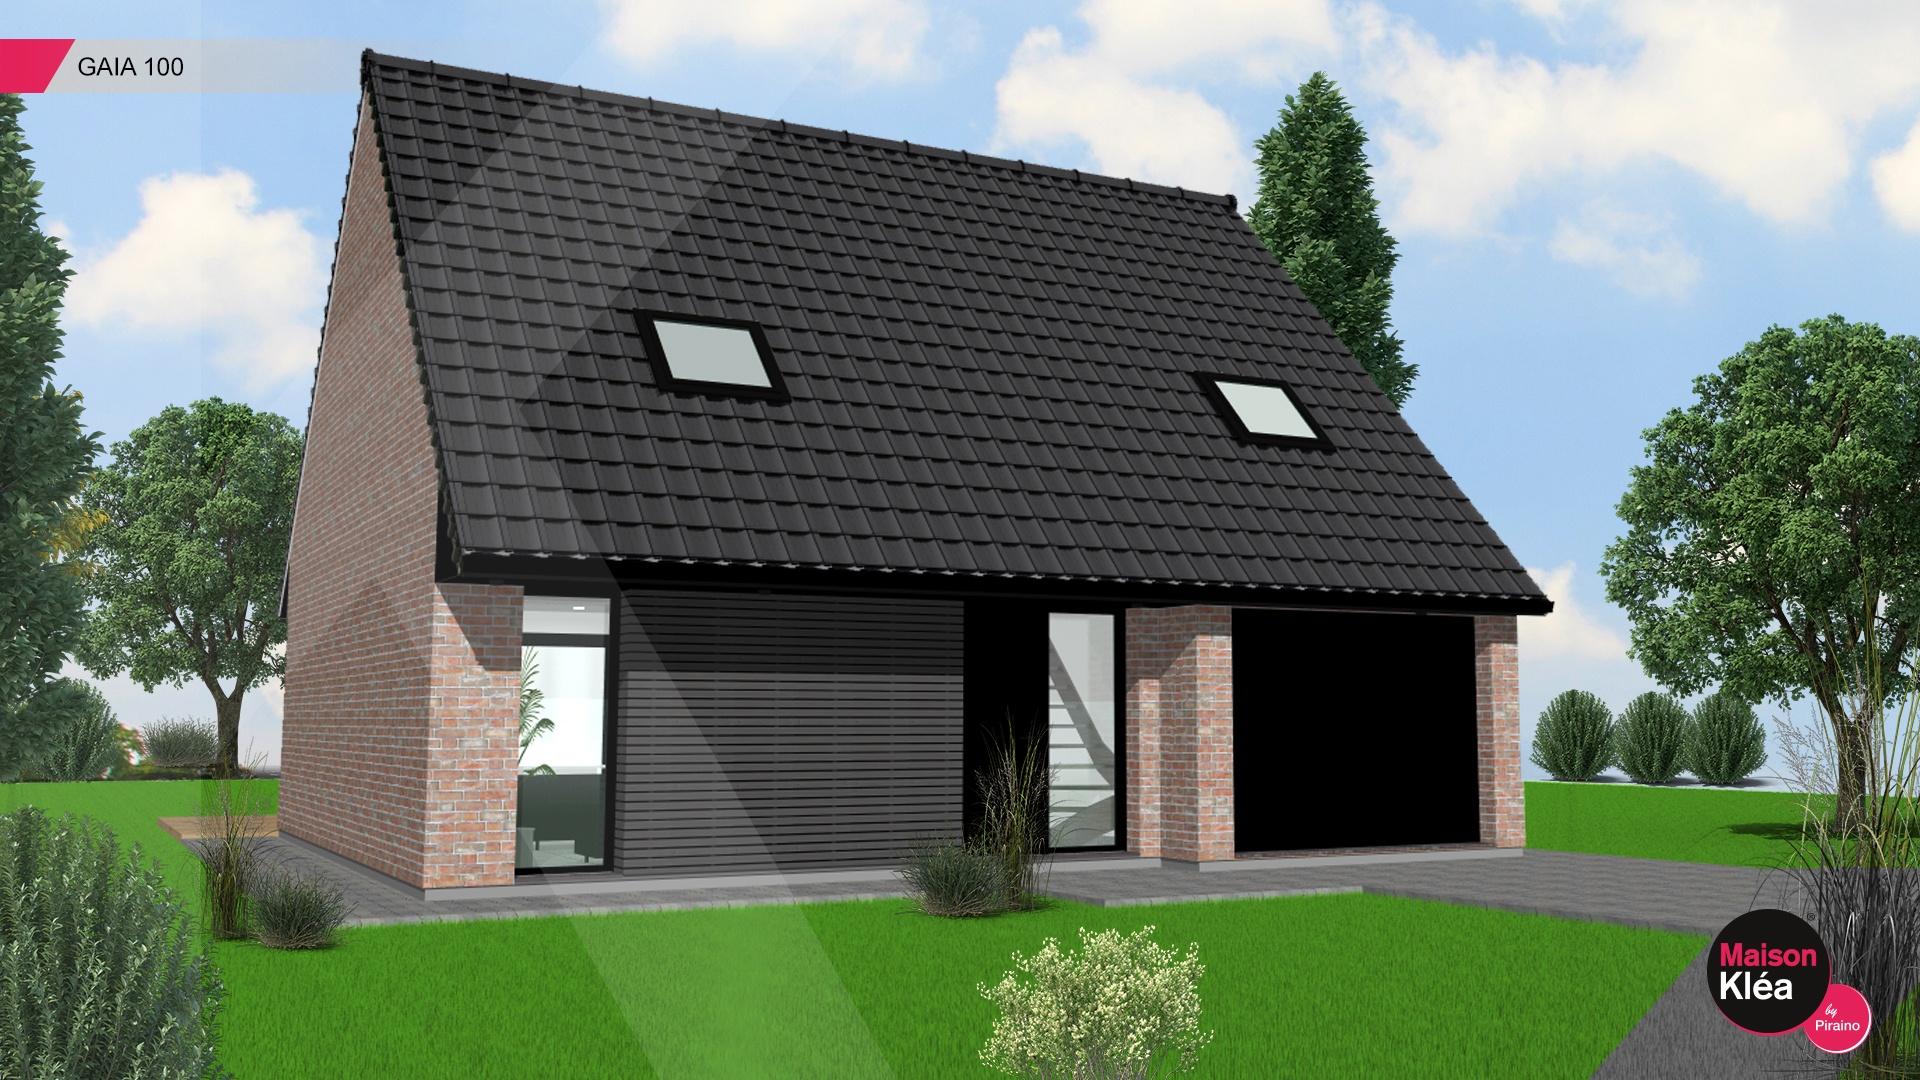 Terrain et maison à construire Staple